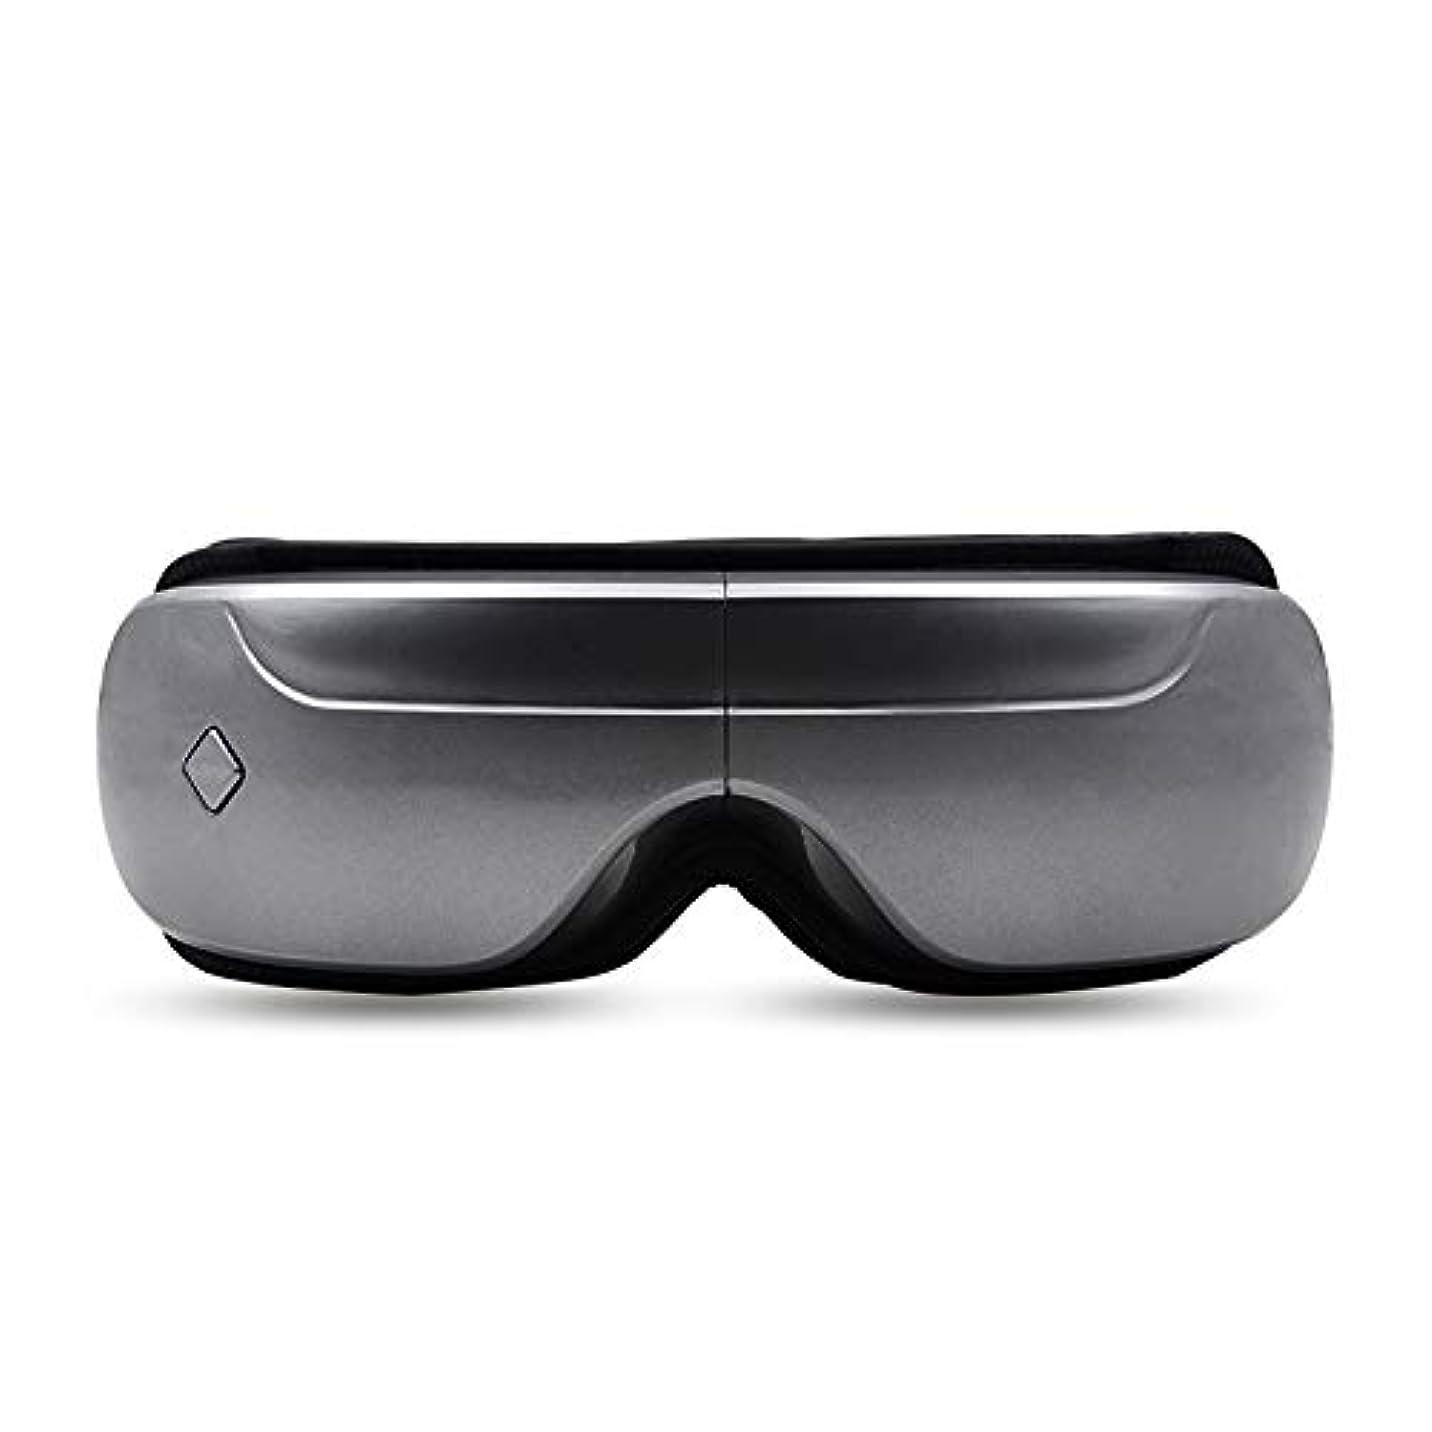 世界めんどり開業医ワイヤレスアイマッサージャーなだめるような疲れ目を保護する器具で、近方視力のアイマッサージャーを改善する,Gray